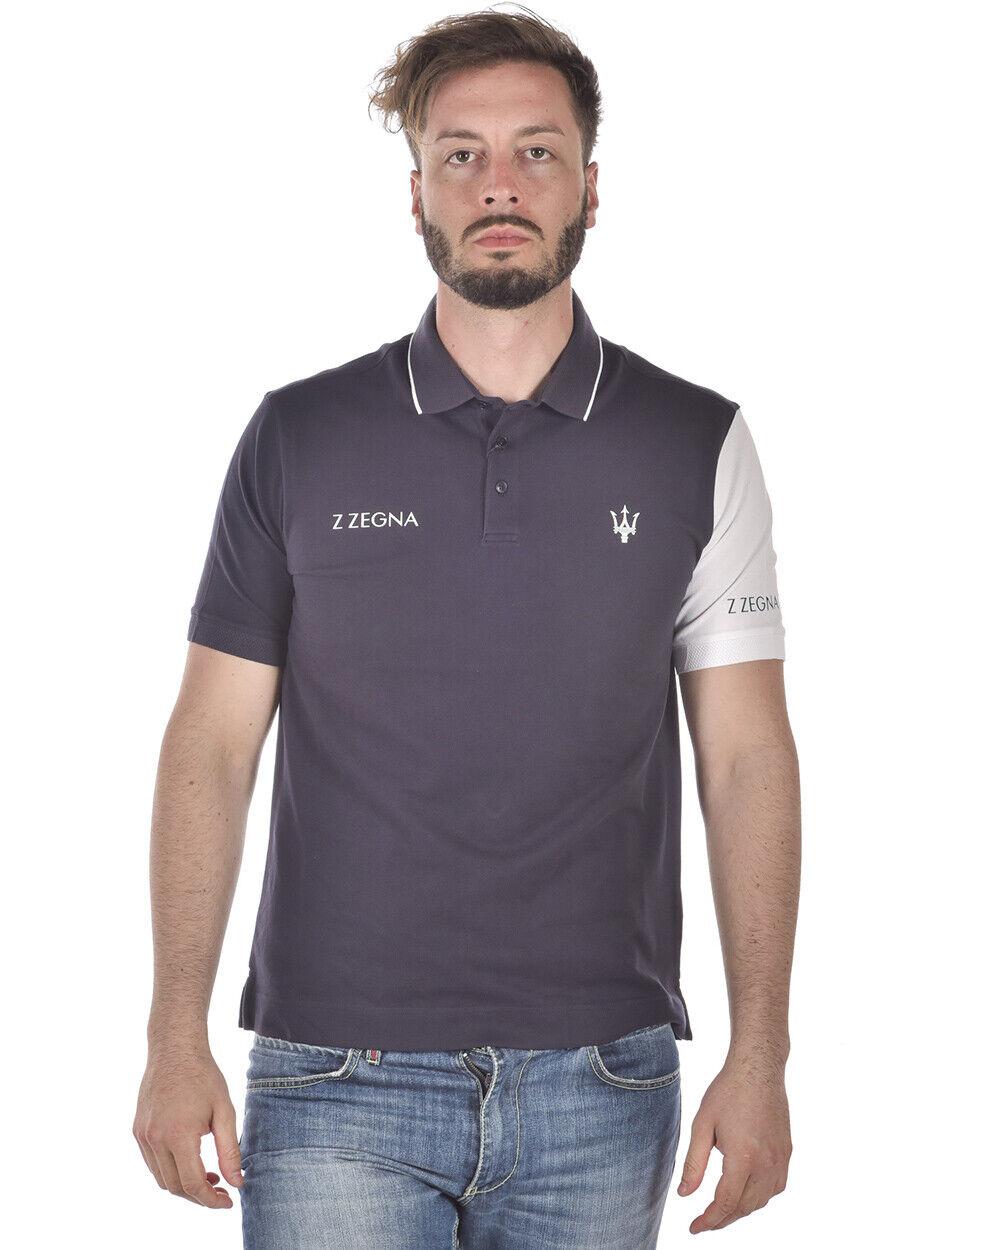 Zegna Polo Shirt Cotton Man bluee VP370ZZB600 6Y1 Sz.L MAKE OFFER